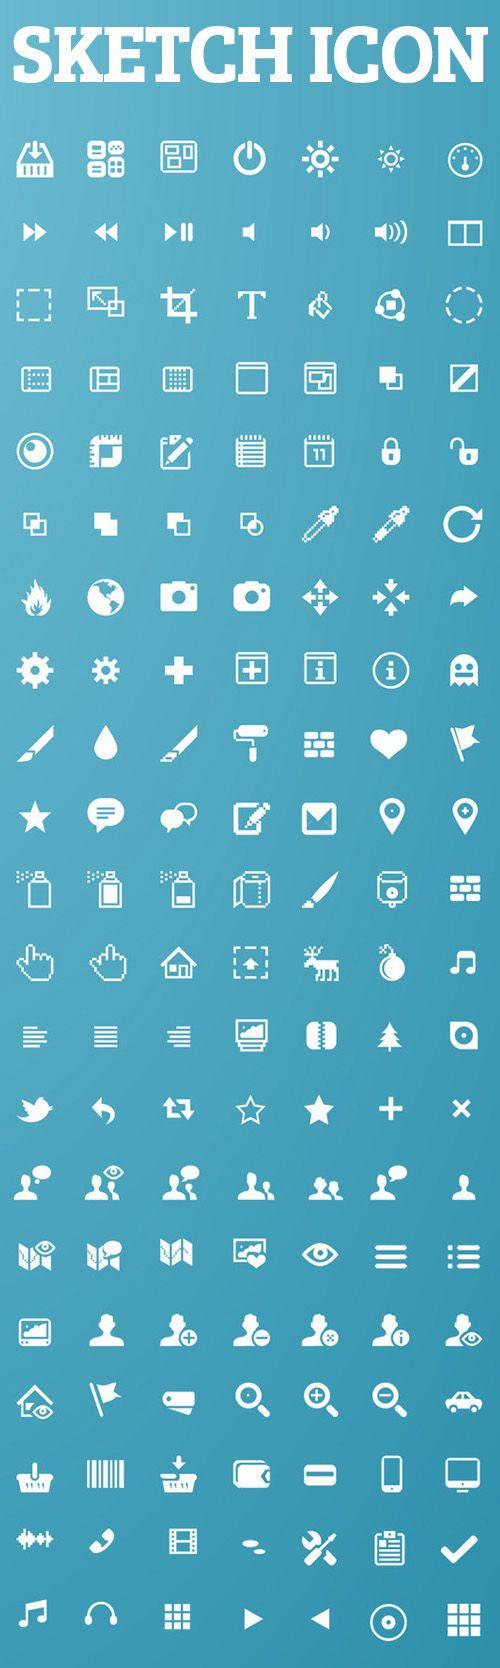 Sketch App Icons For Web UI Design